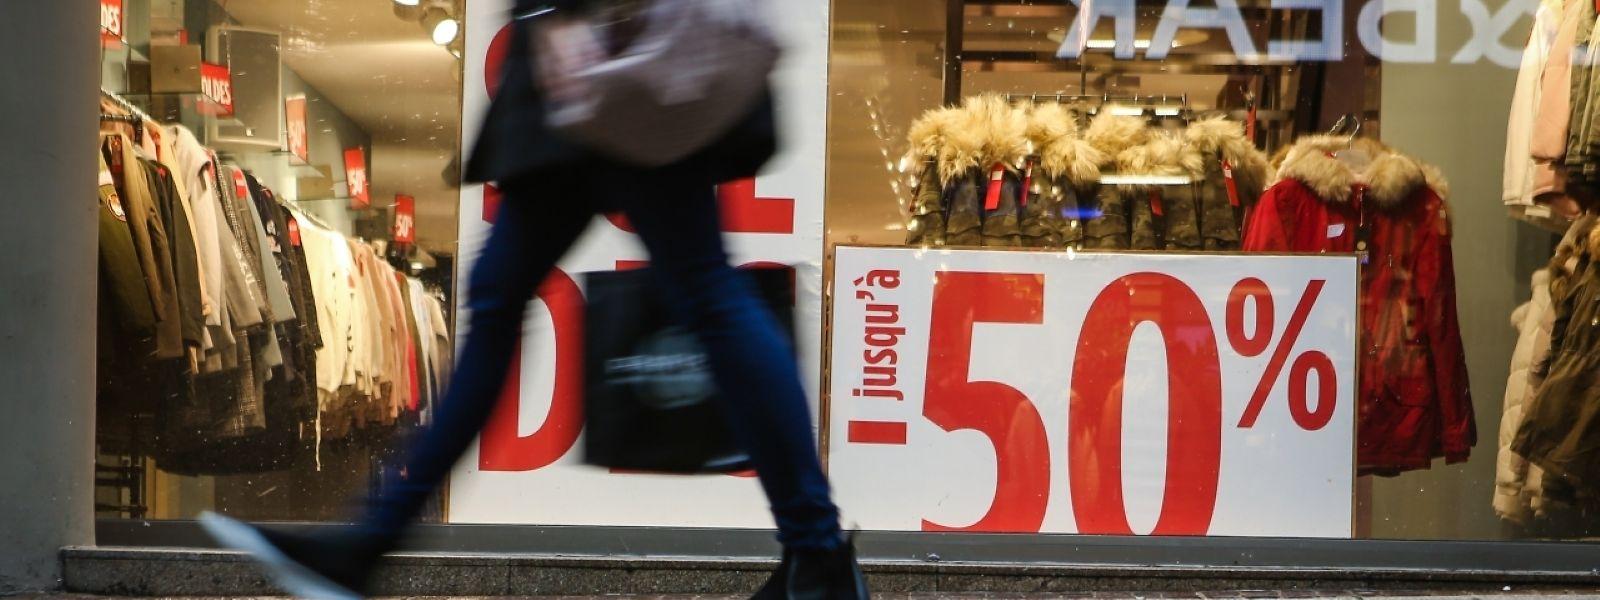 Der allgemeine Preisrückgang lässt sich vor allem durch den Sommerschlussverkauf im vergangenen Monat erklären.